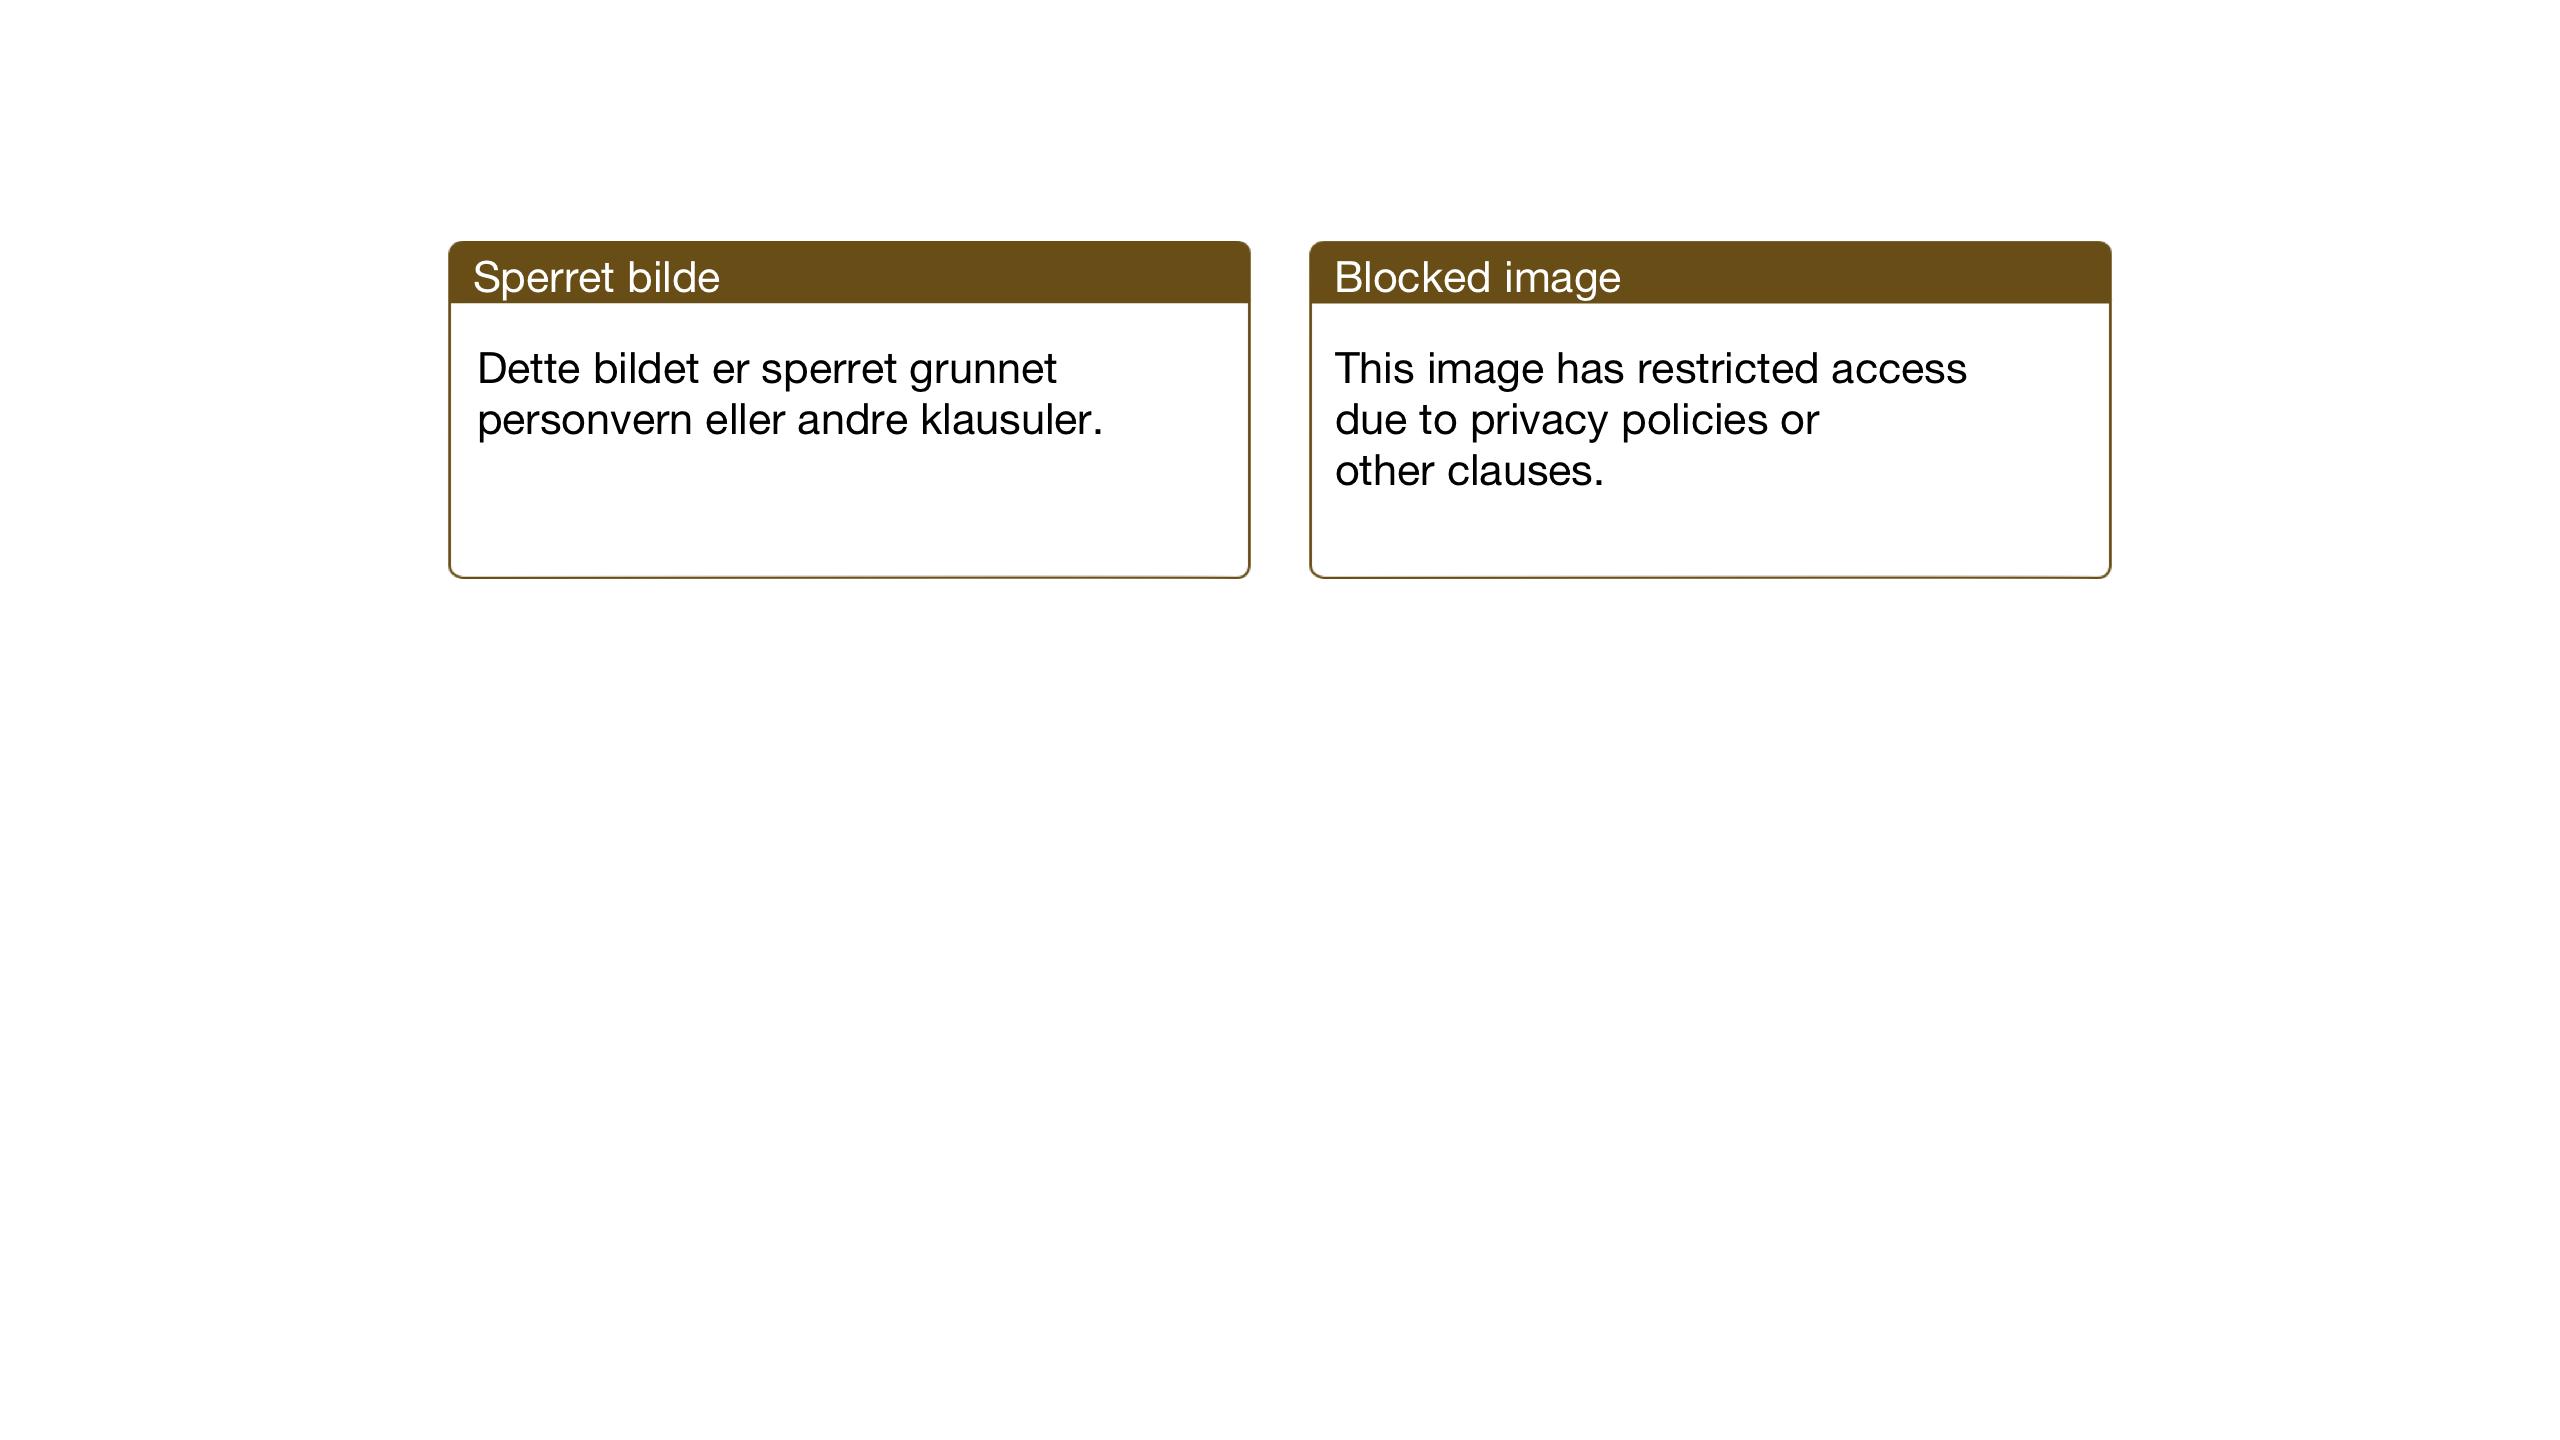 SAT, Ministerialprotokoller, klokkerbøker og fødselsregistre - Sør-Trøndelag, 662/L0758: Klokkerbok nr. 662C03, 1918-1948, s. 277